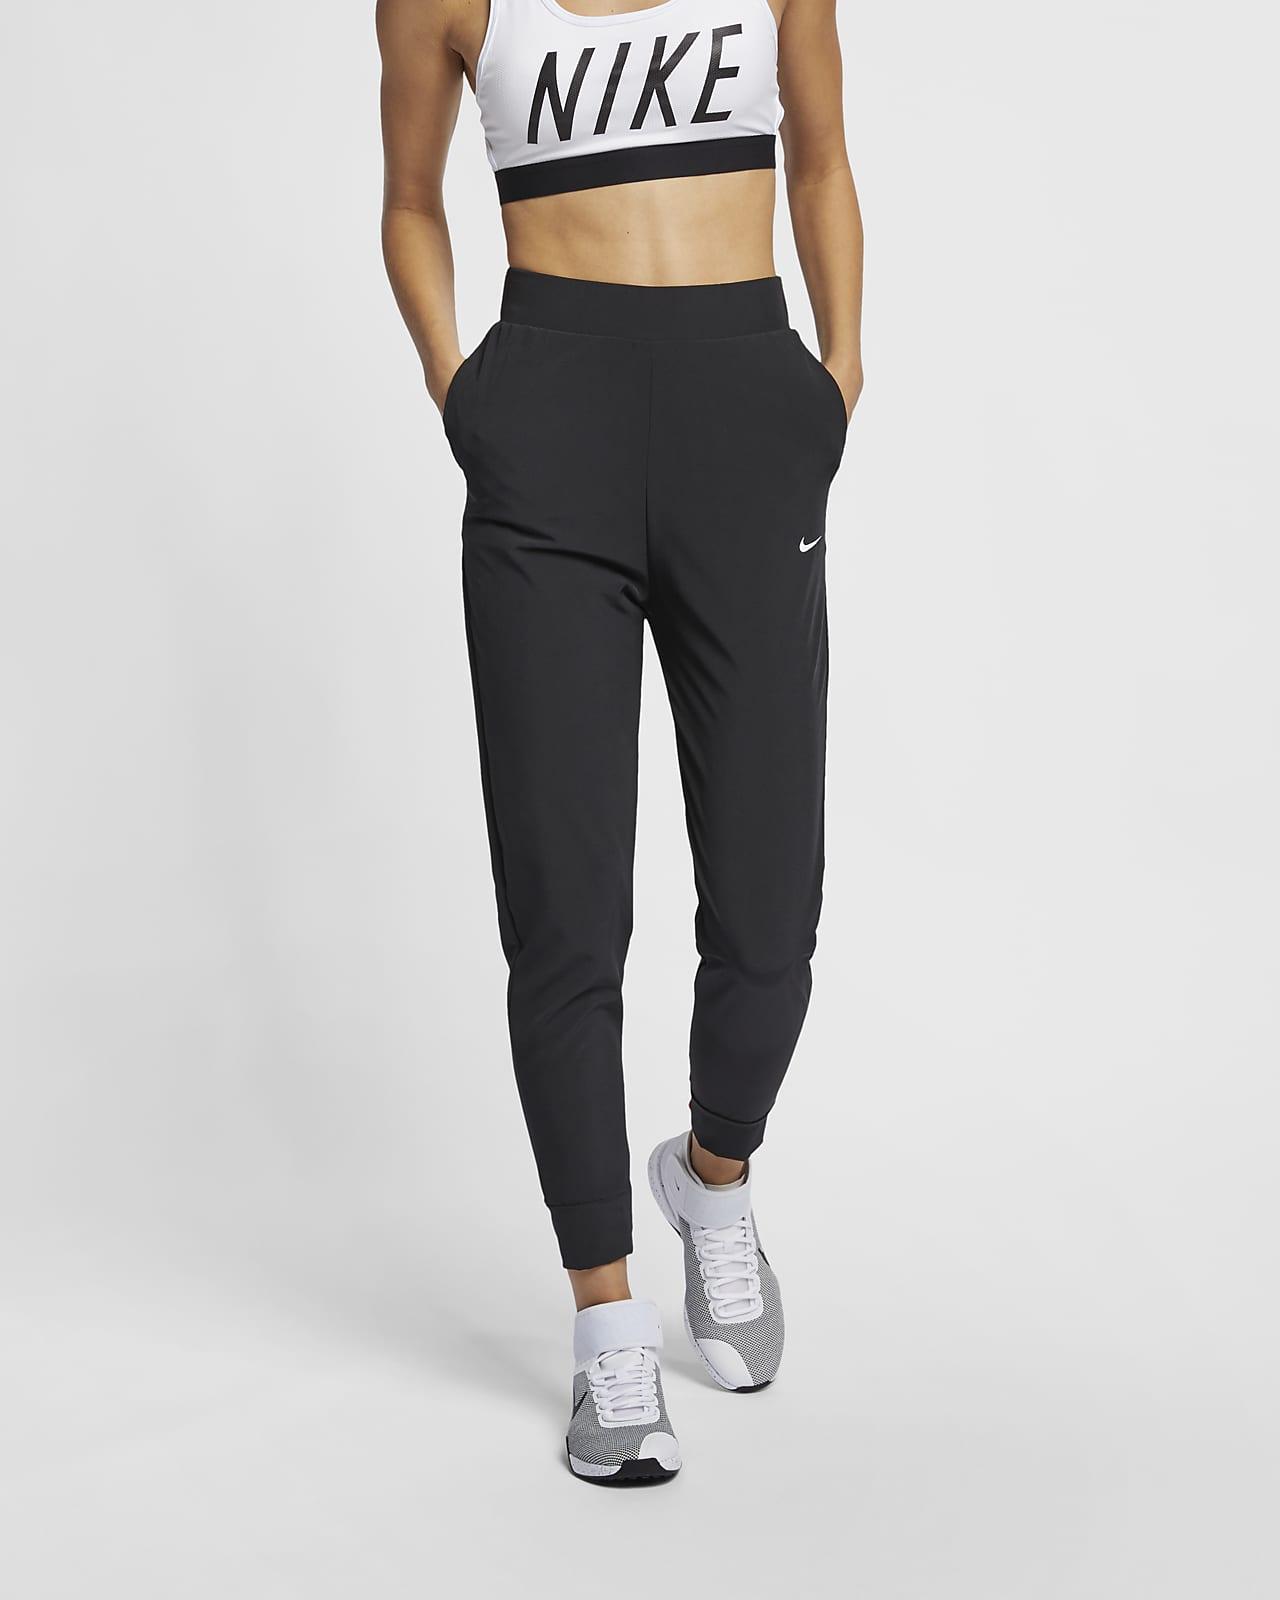 กางเกงเทรนนิ่งผู้หญิง Nike Bliss